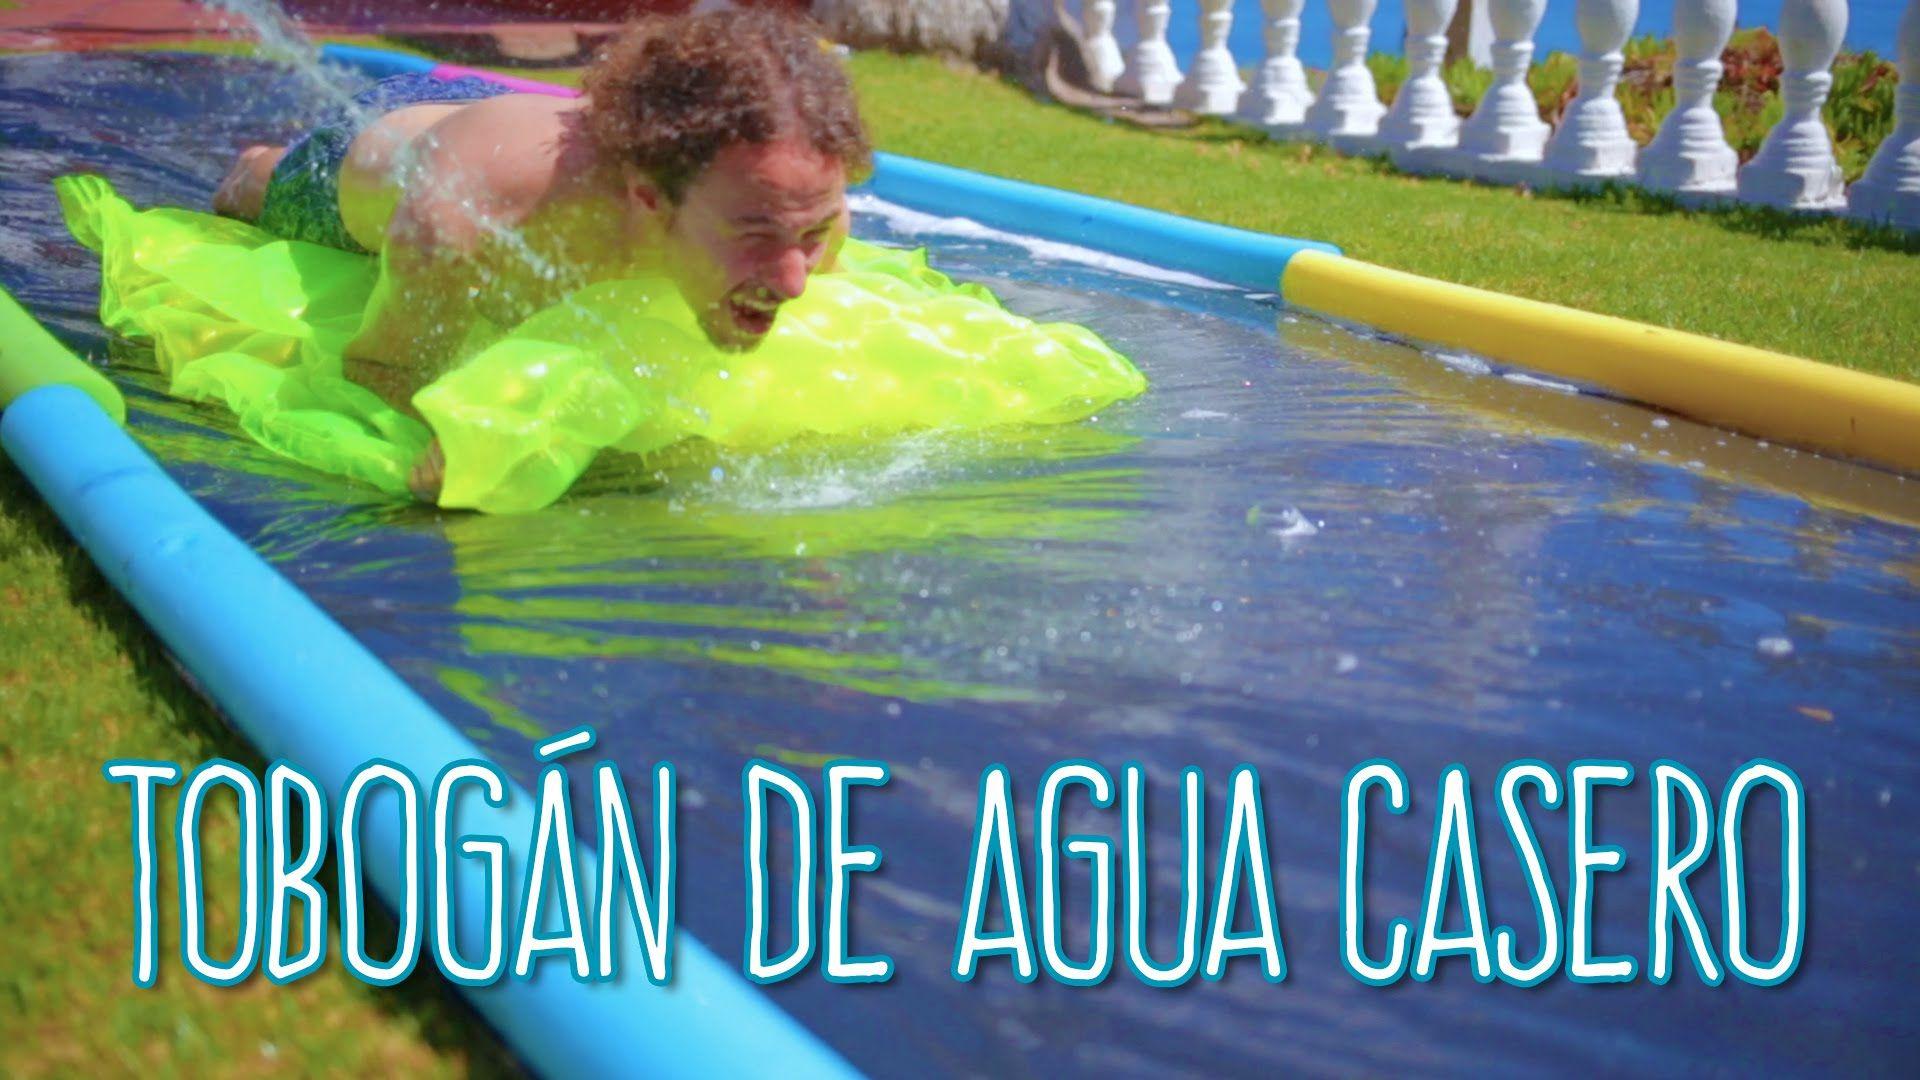 Tobogán de Agua Casero y Muy Divertido - Luisito Comunica - mitú ...